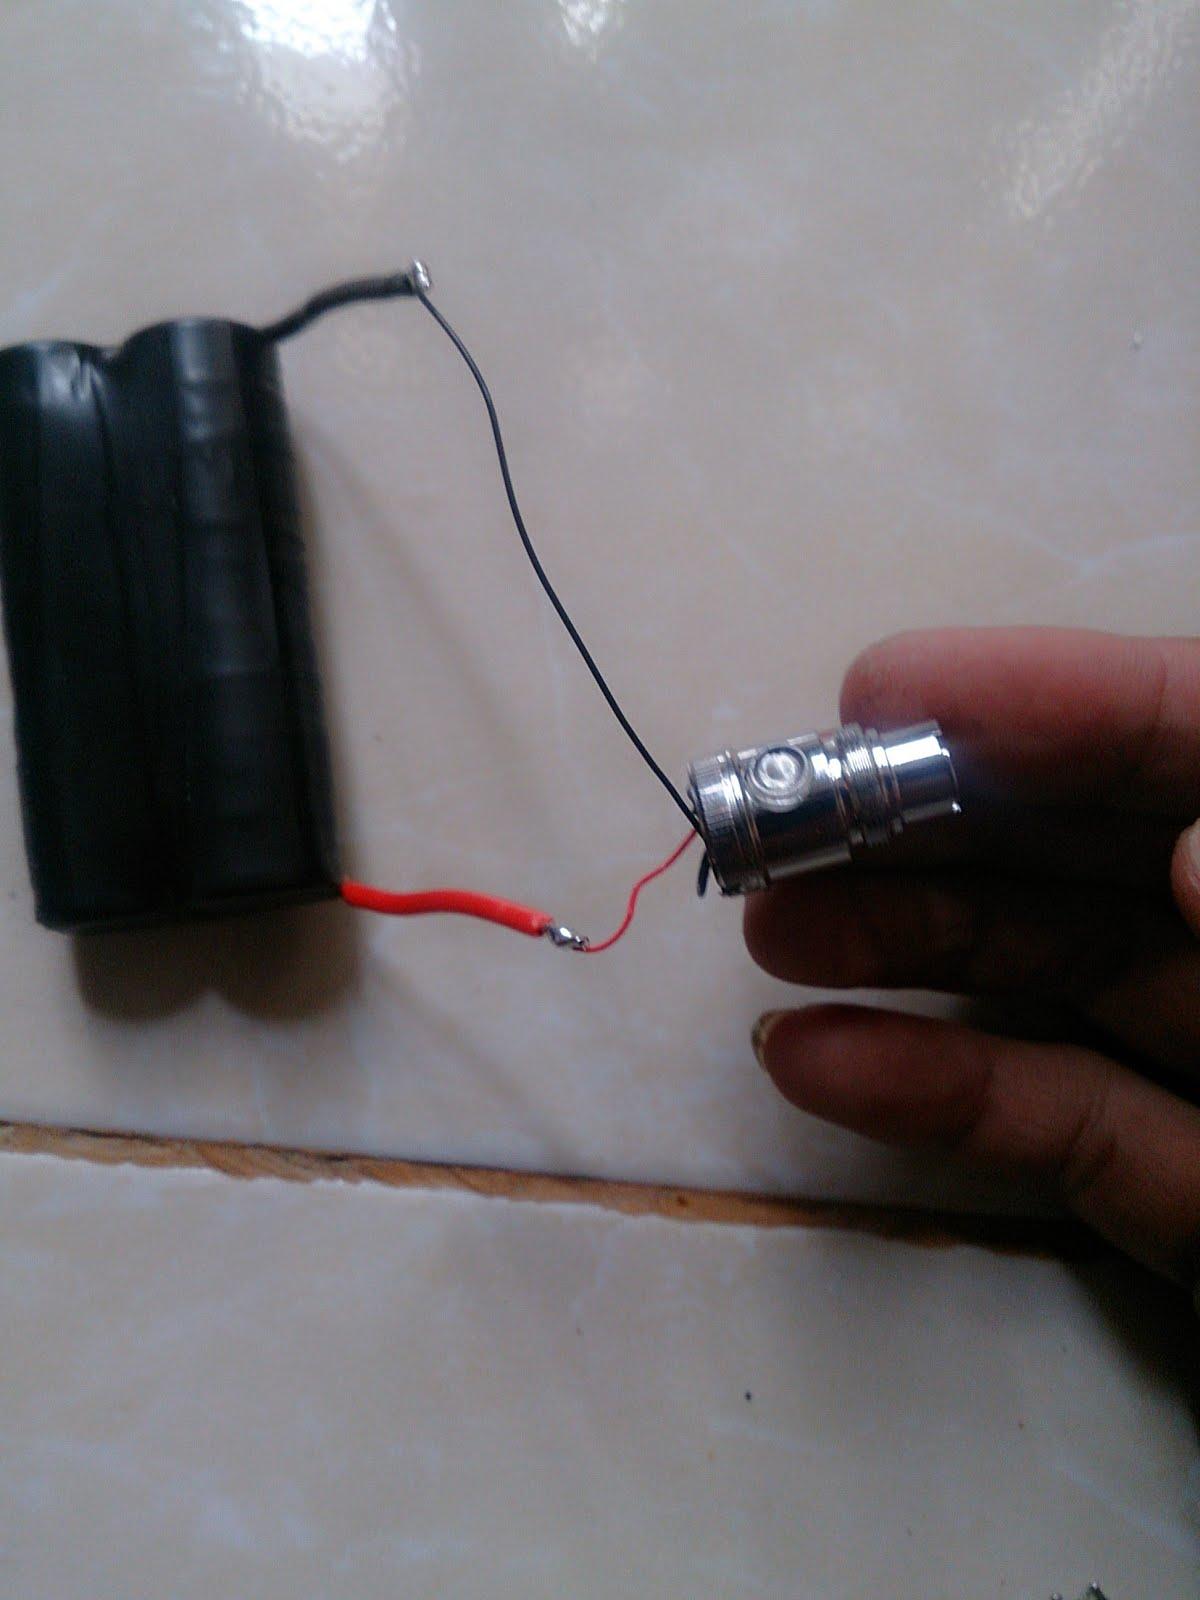 Tempatnya Otak Atik Bengkel Kreatif Mengganti Batere Rokok Elektrik Elektric Evod 1100mah Lubangilah Box Atau Tempat Yang Baru Untuk Meletakkan Panel Tersebut